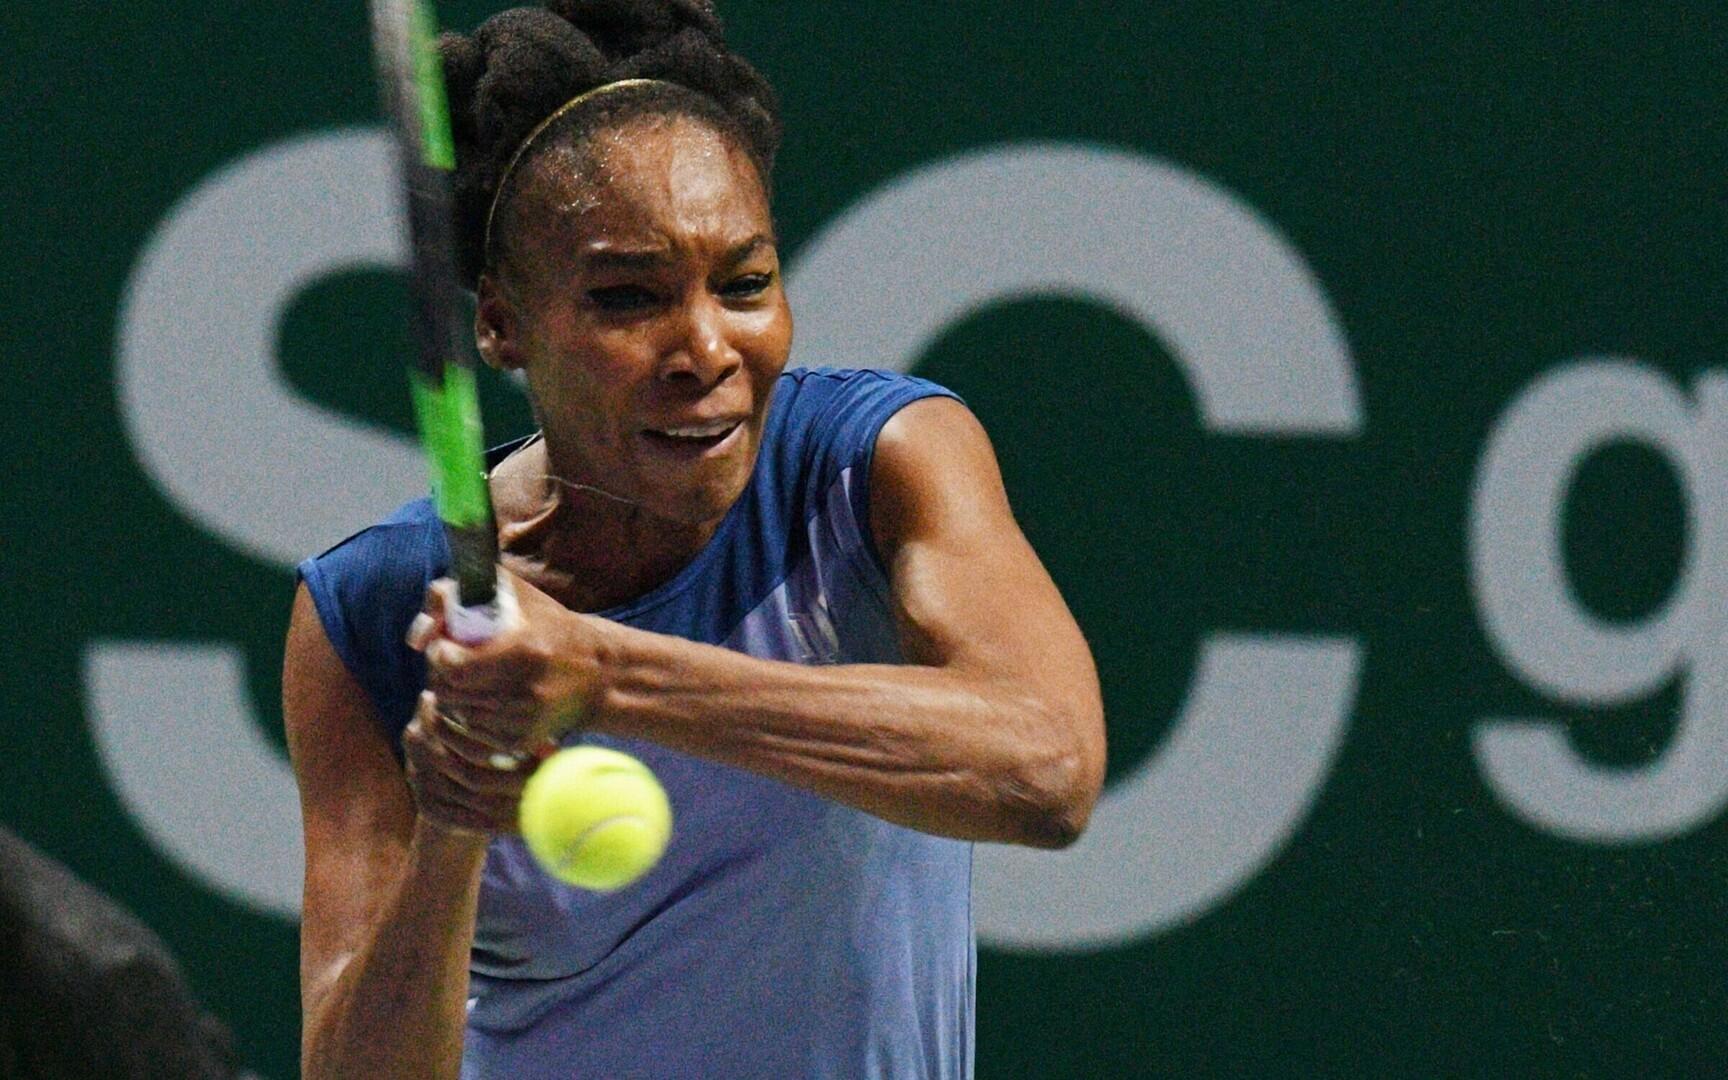 Williams ja Ostapenko pidasid WTA sarja finaalturniiril maha maratonmatši 3ae63f673af94